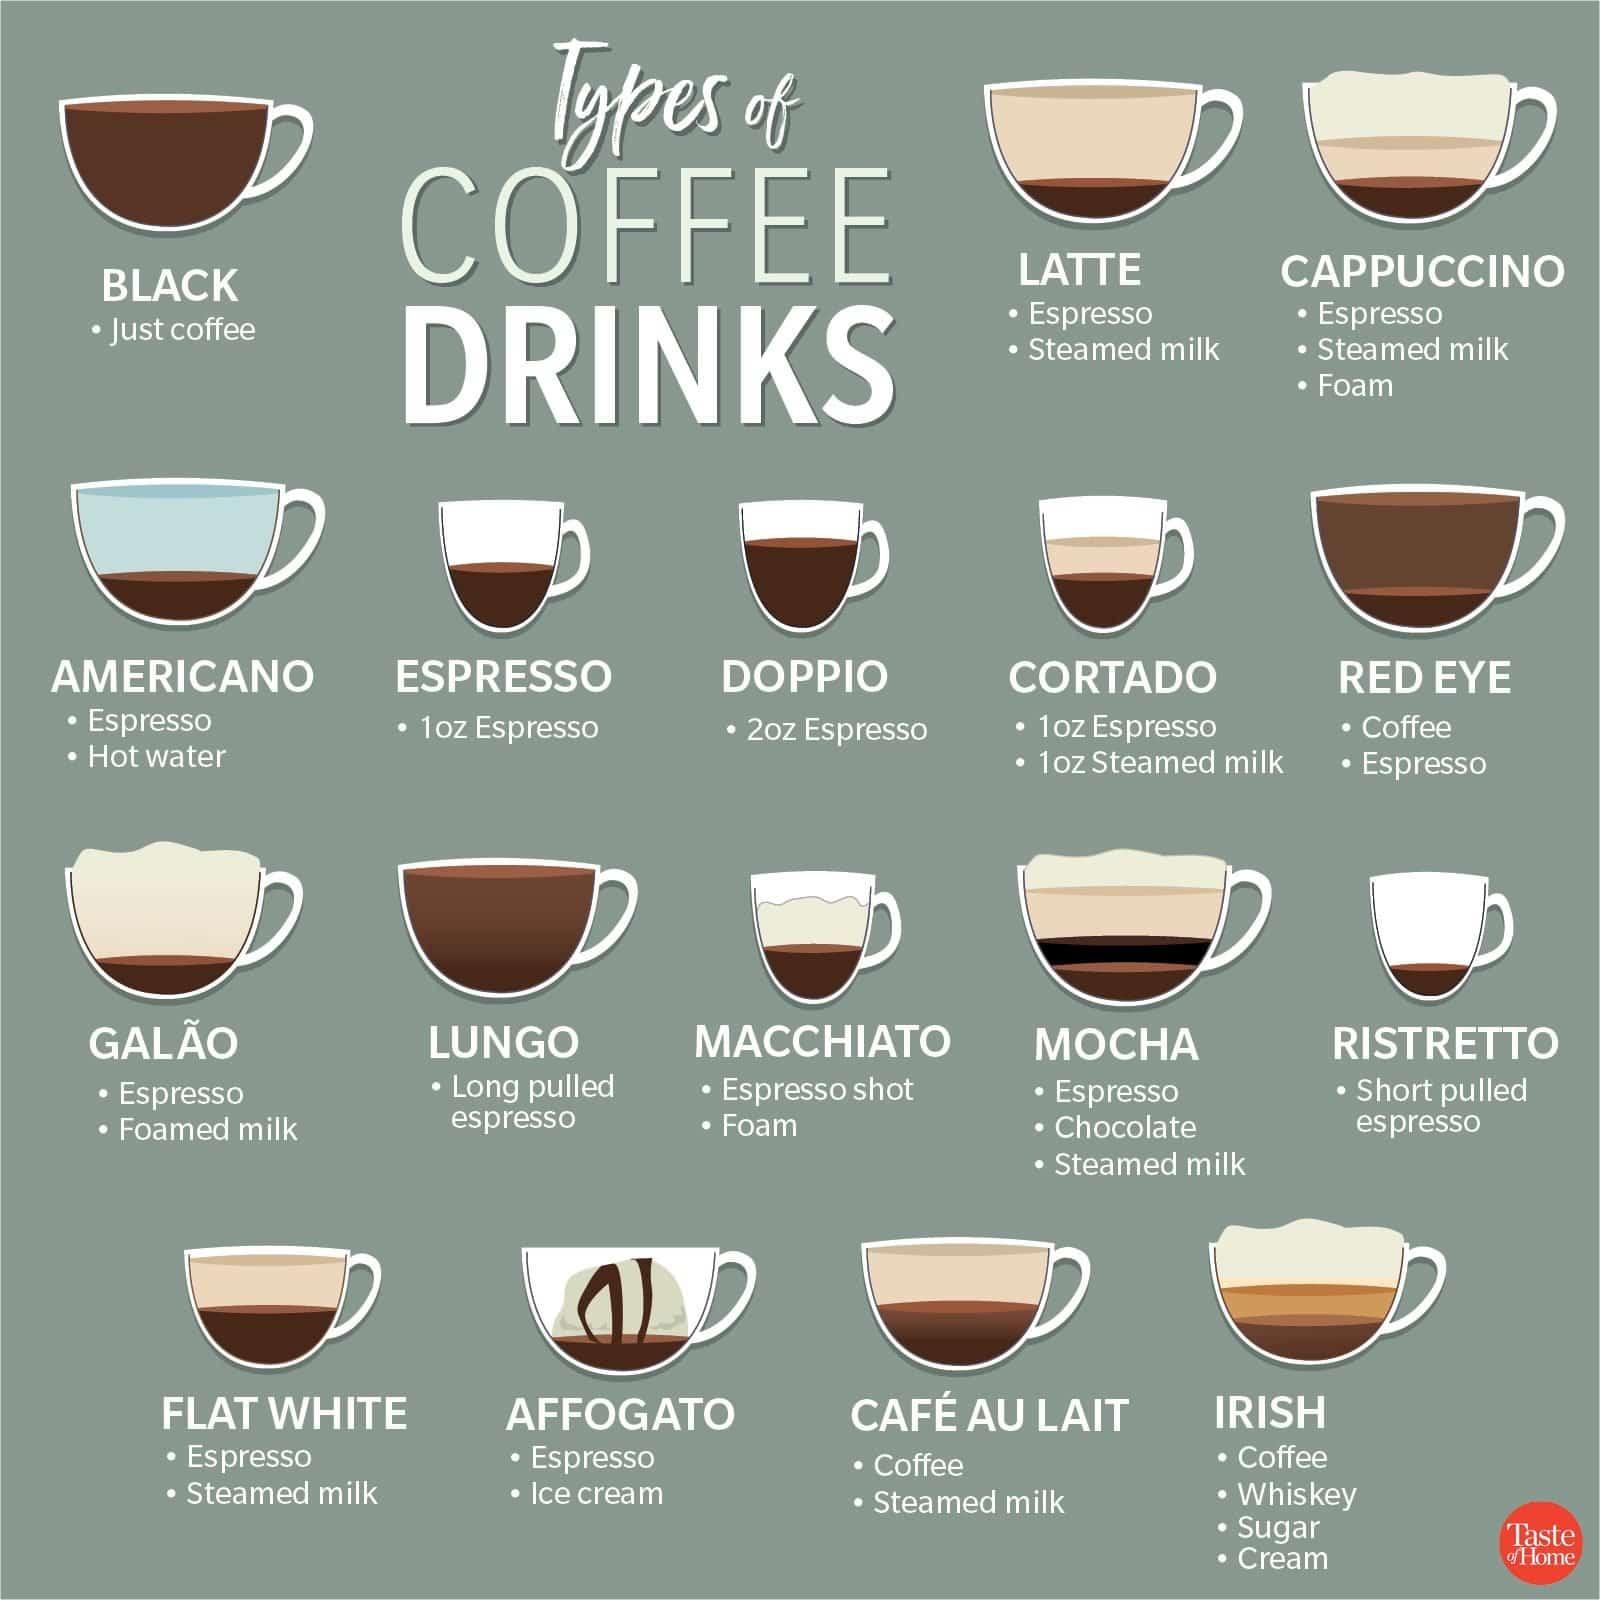 TYPES OF COFFEE DRINKS 1200X1200 SU GUÍA DEFINITIVA PARA DIFERENTES TIPOS DE CAFES Y CAFETERAS